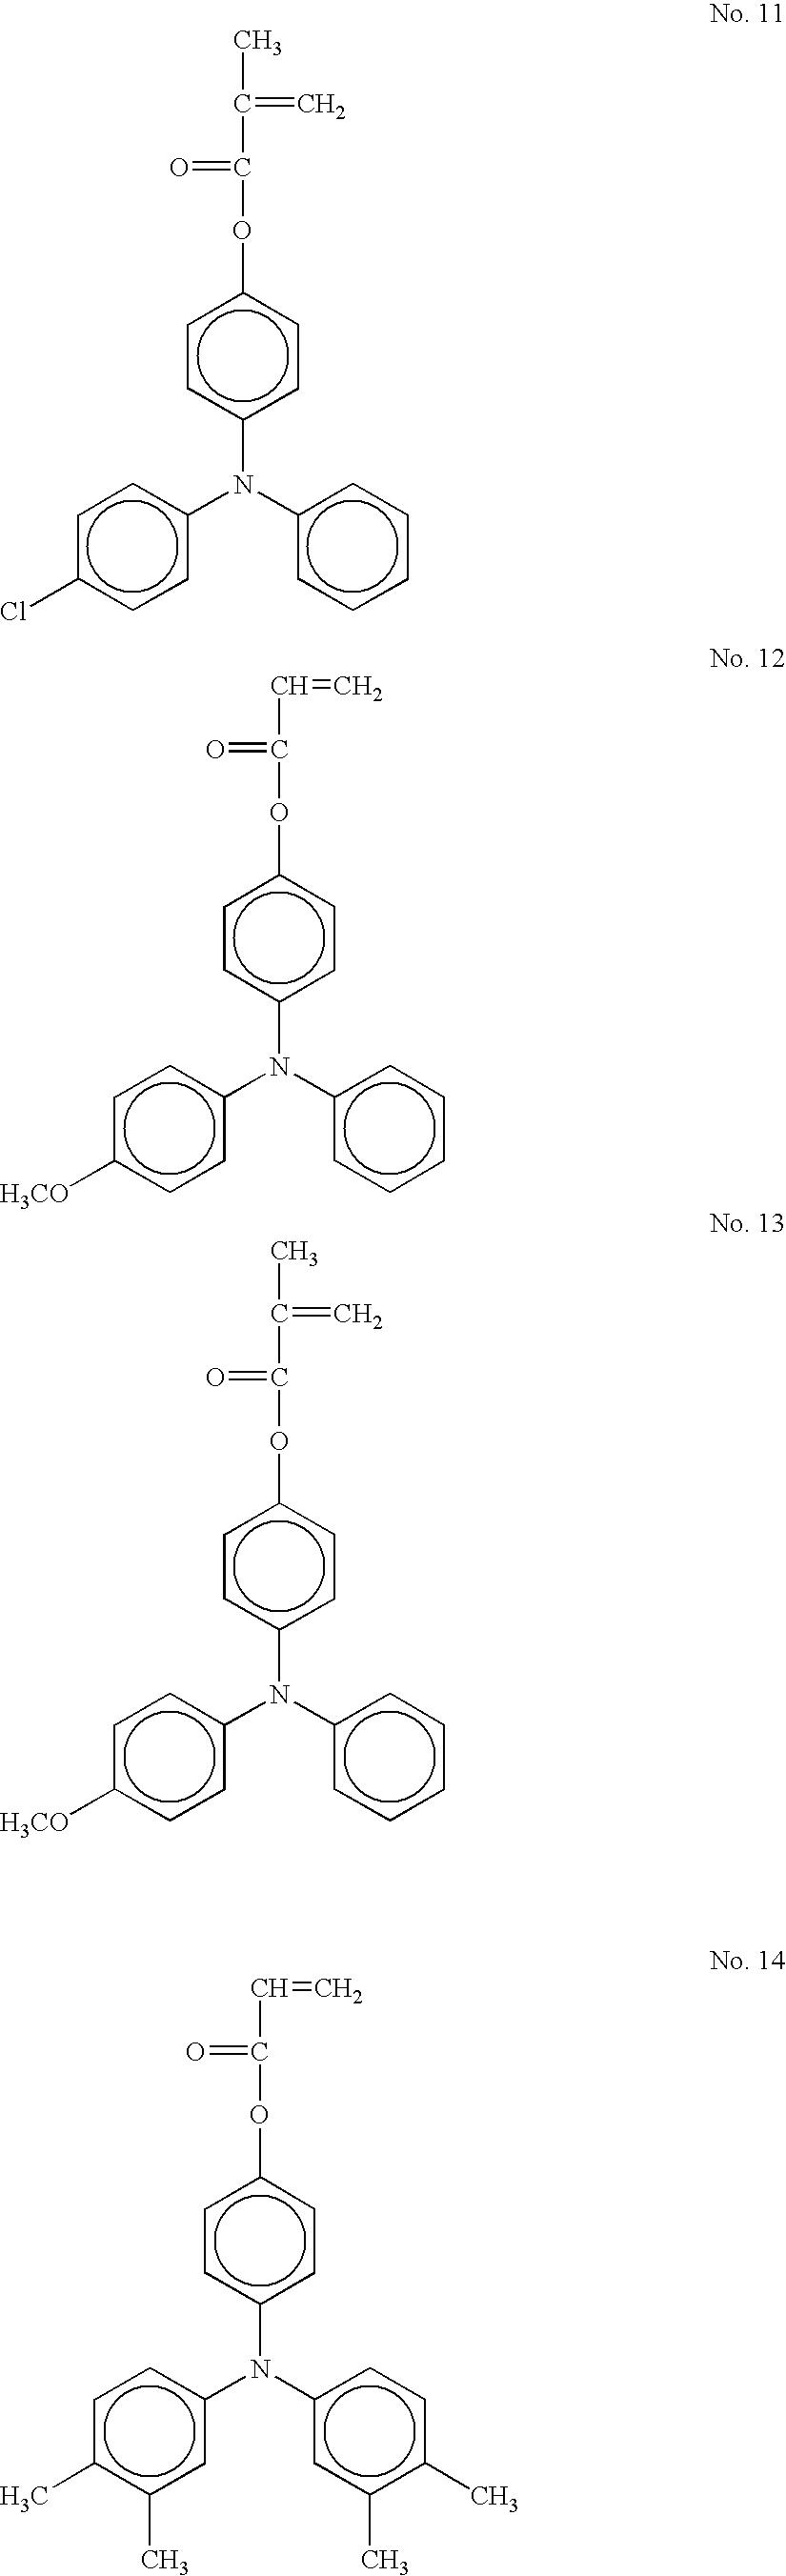 Figure US20070059619A1-20070315-C00016